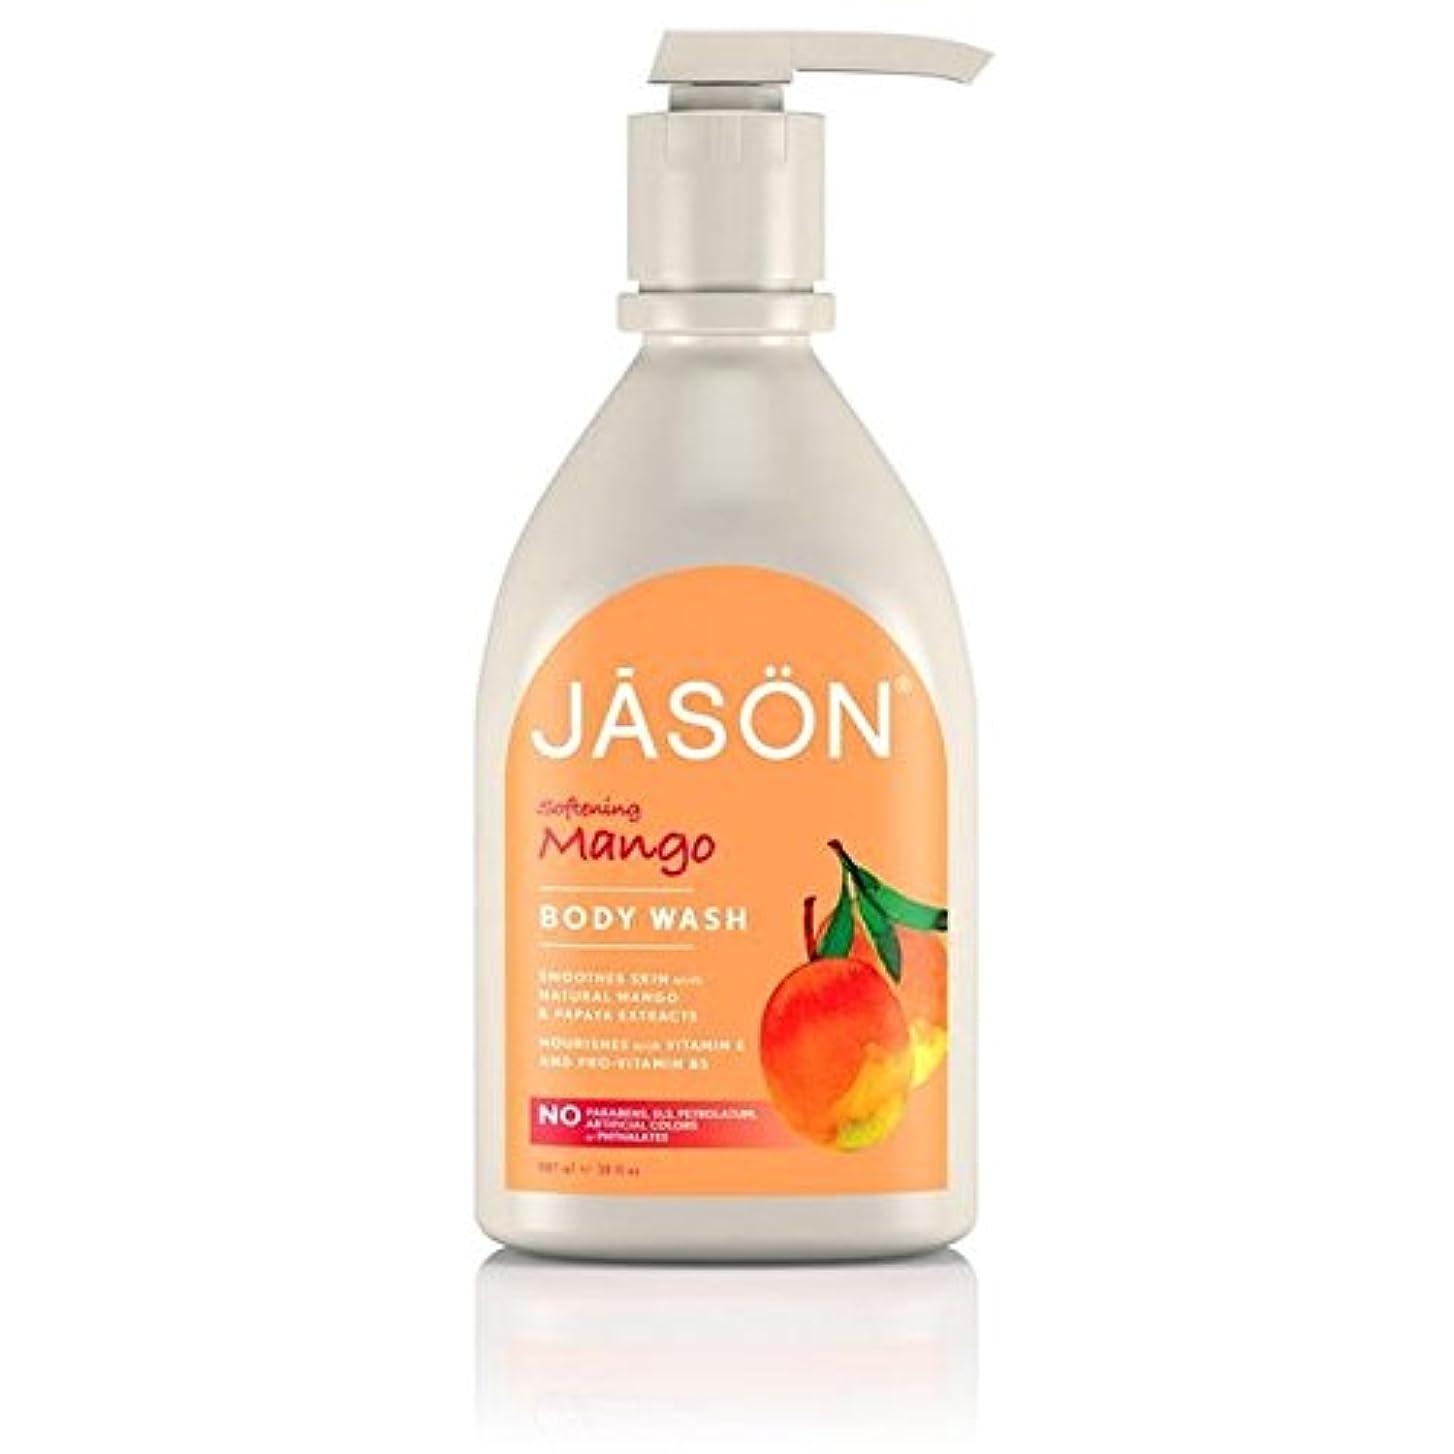 そう提供する中傷Jason Mango Satin Body Wash Pump 900ml - ジェイソン?マンゴーサテンボディウォッシュポンプ900ミリリットル [並行輸入品]